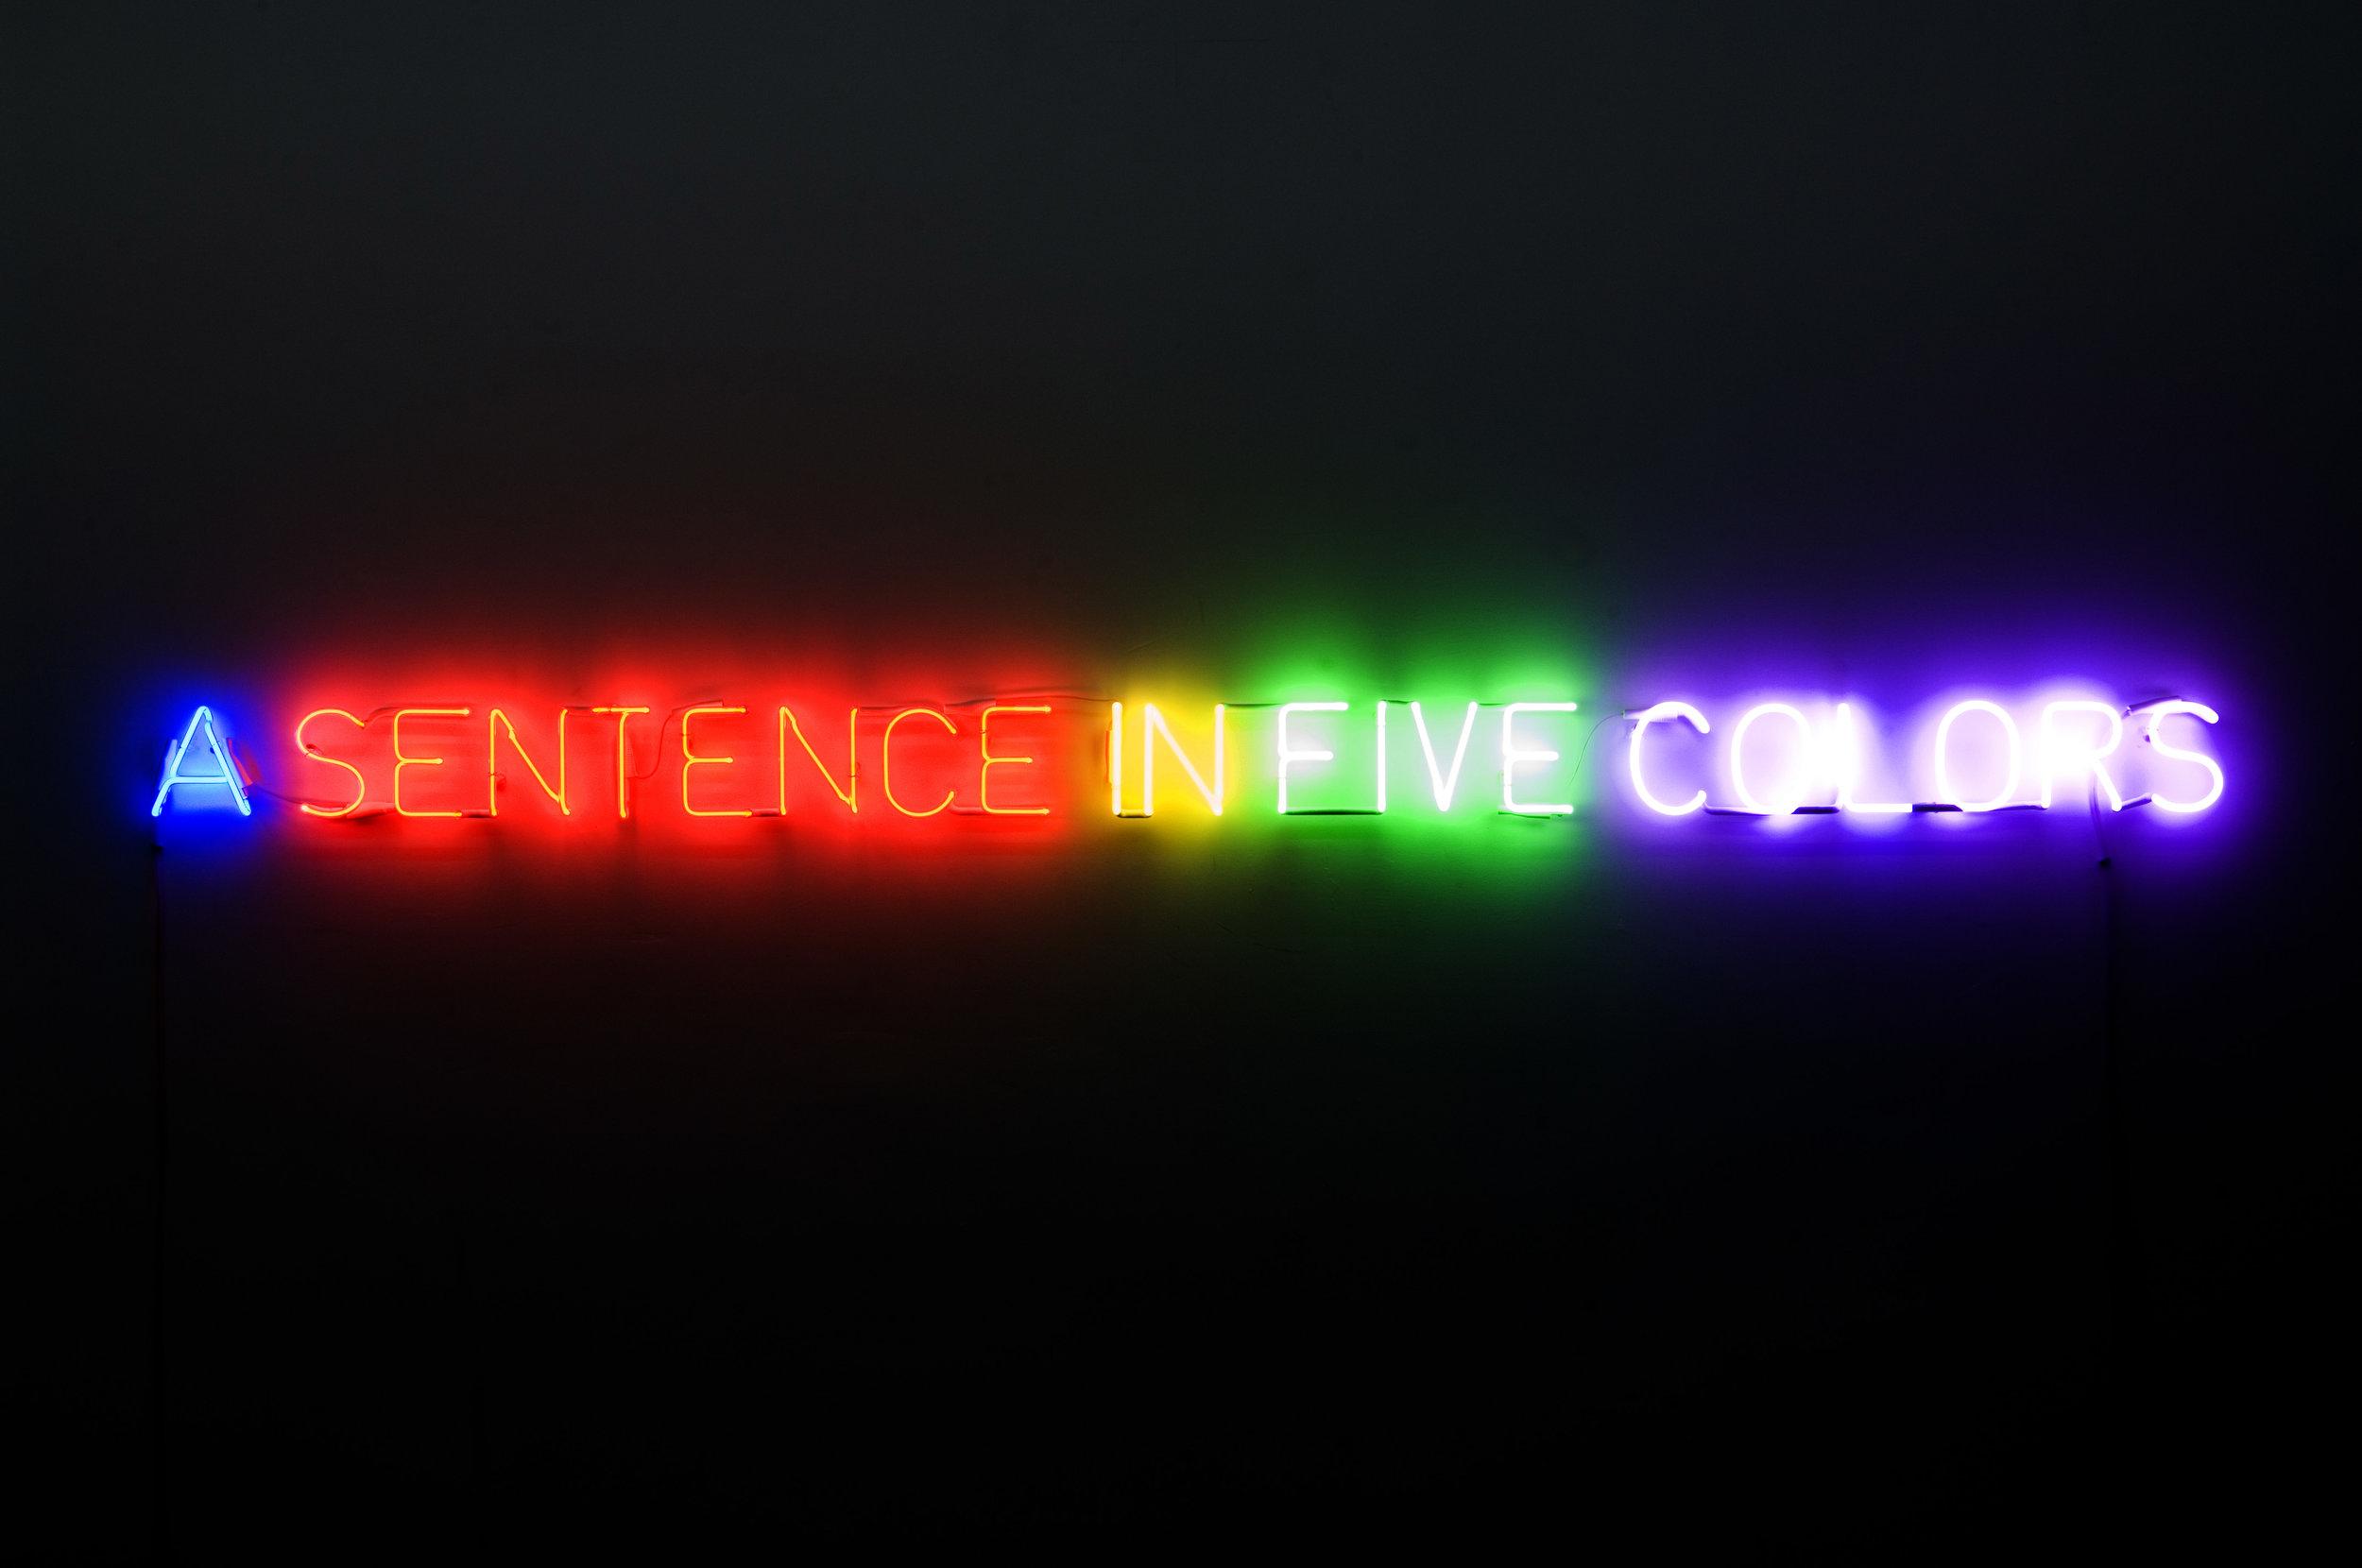 Joseph Kosuth  Self-defined in five colors   , 1966  Neons 13 x 233 x 3 cm Collection Fondation Louis Vuitton, Paris. © Adagp, Paris, 2019 Picture: Courtesy Galerie Almine Rech Paris